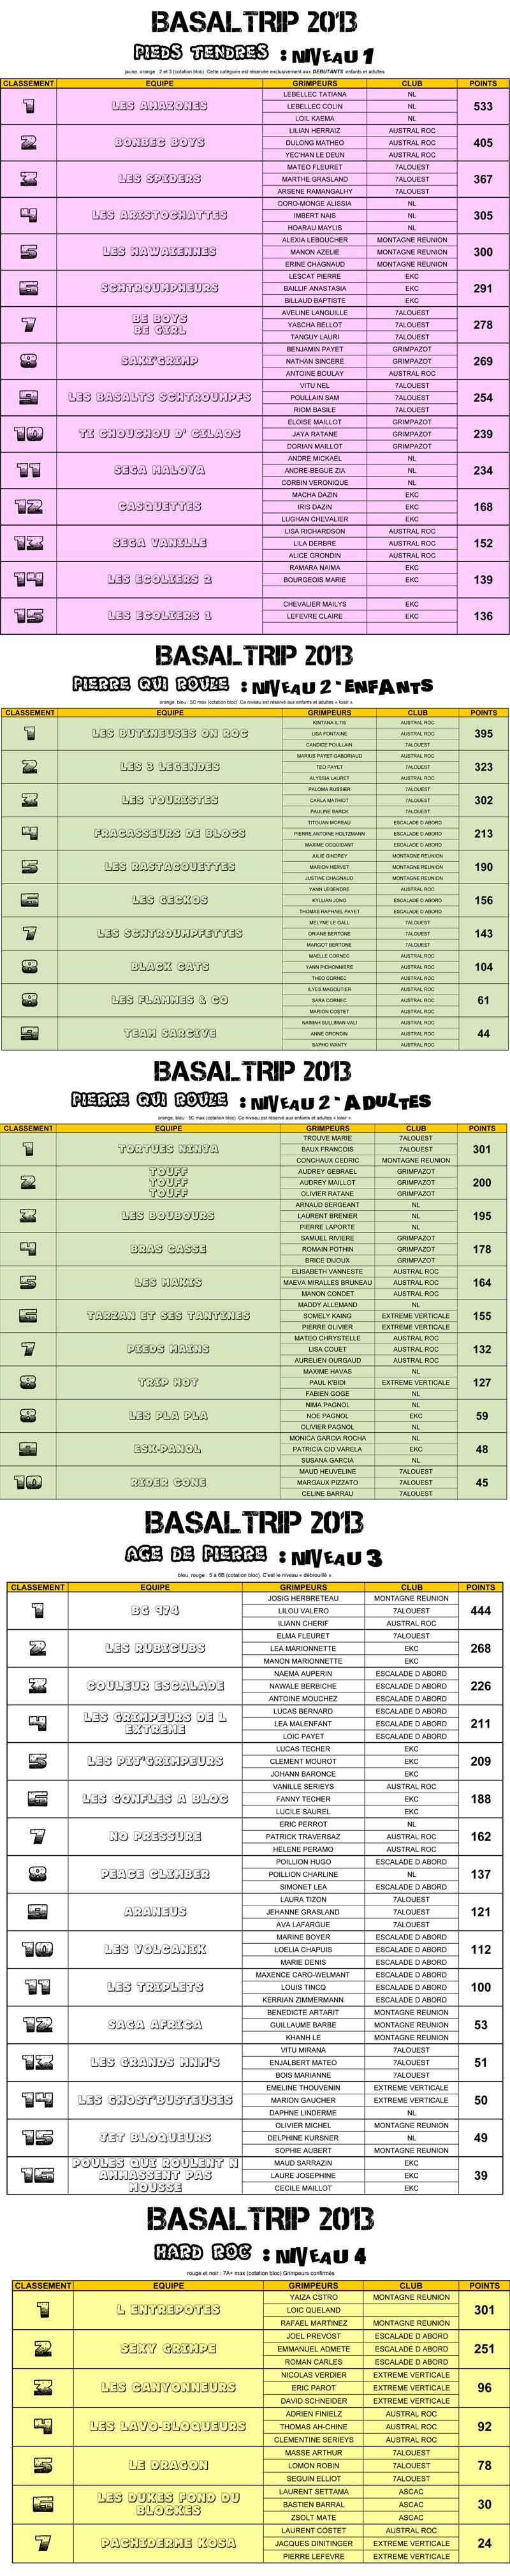 2013-BASALTRIP-RESULTATS-CONTEST-V1